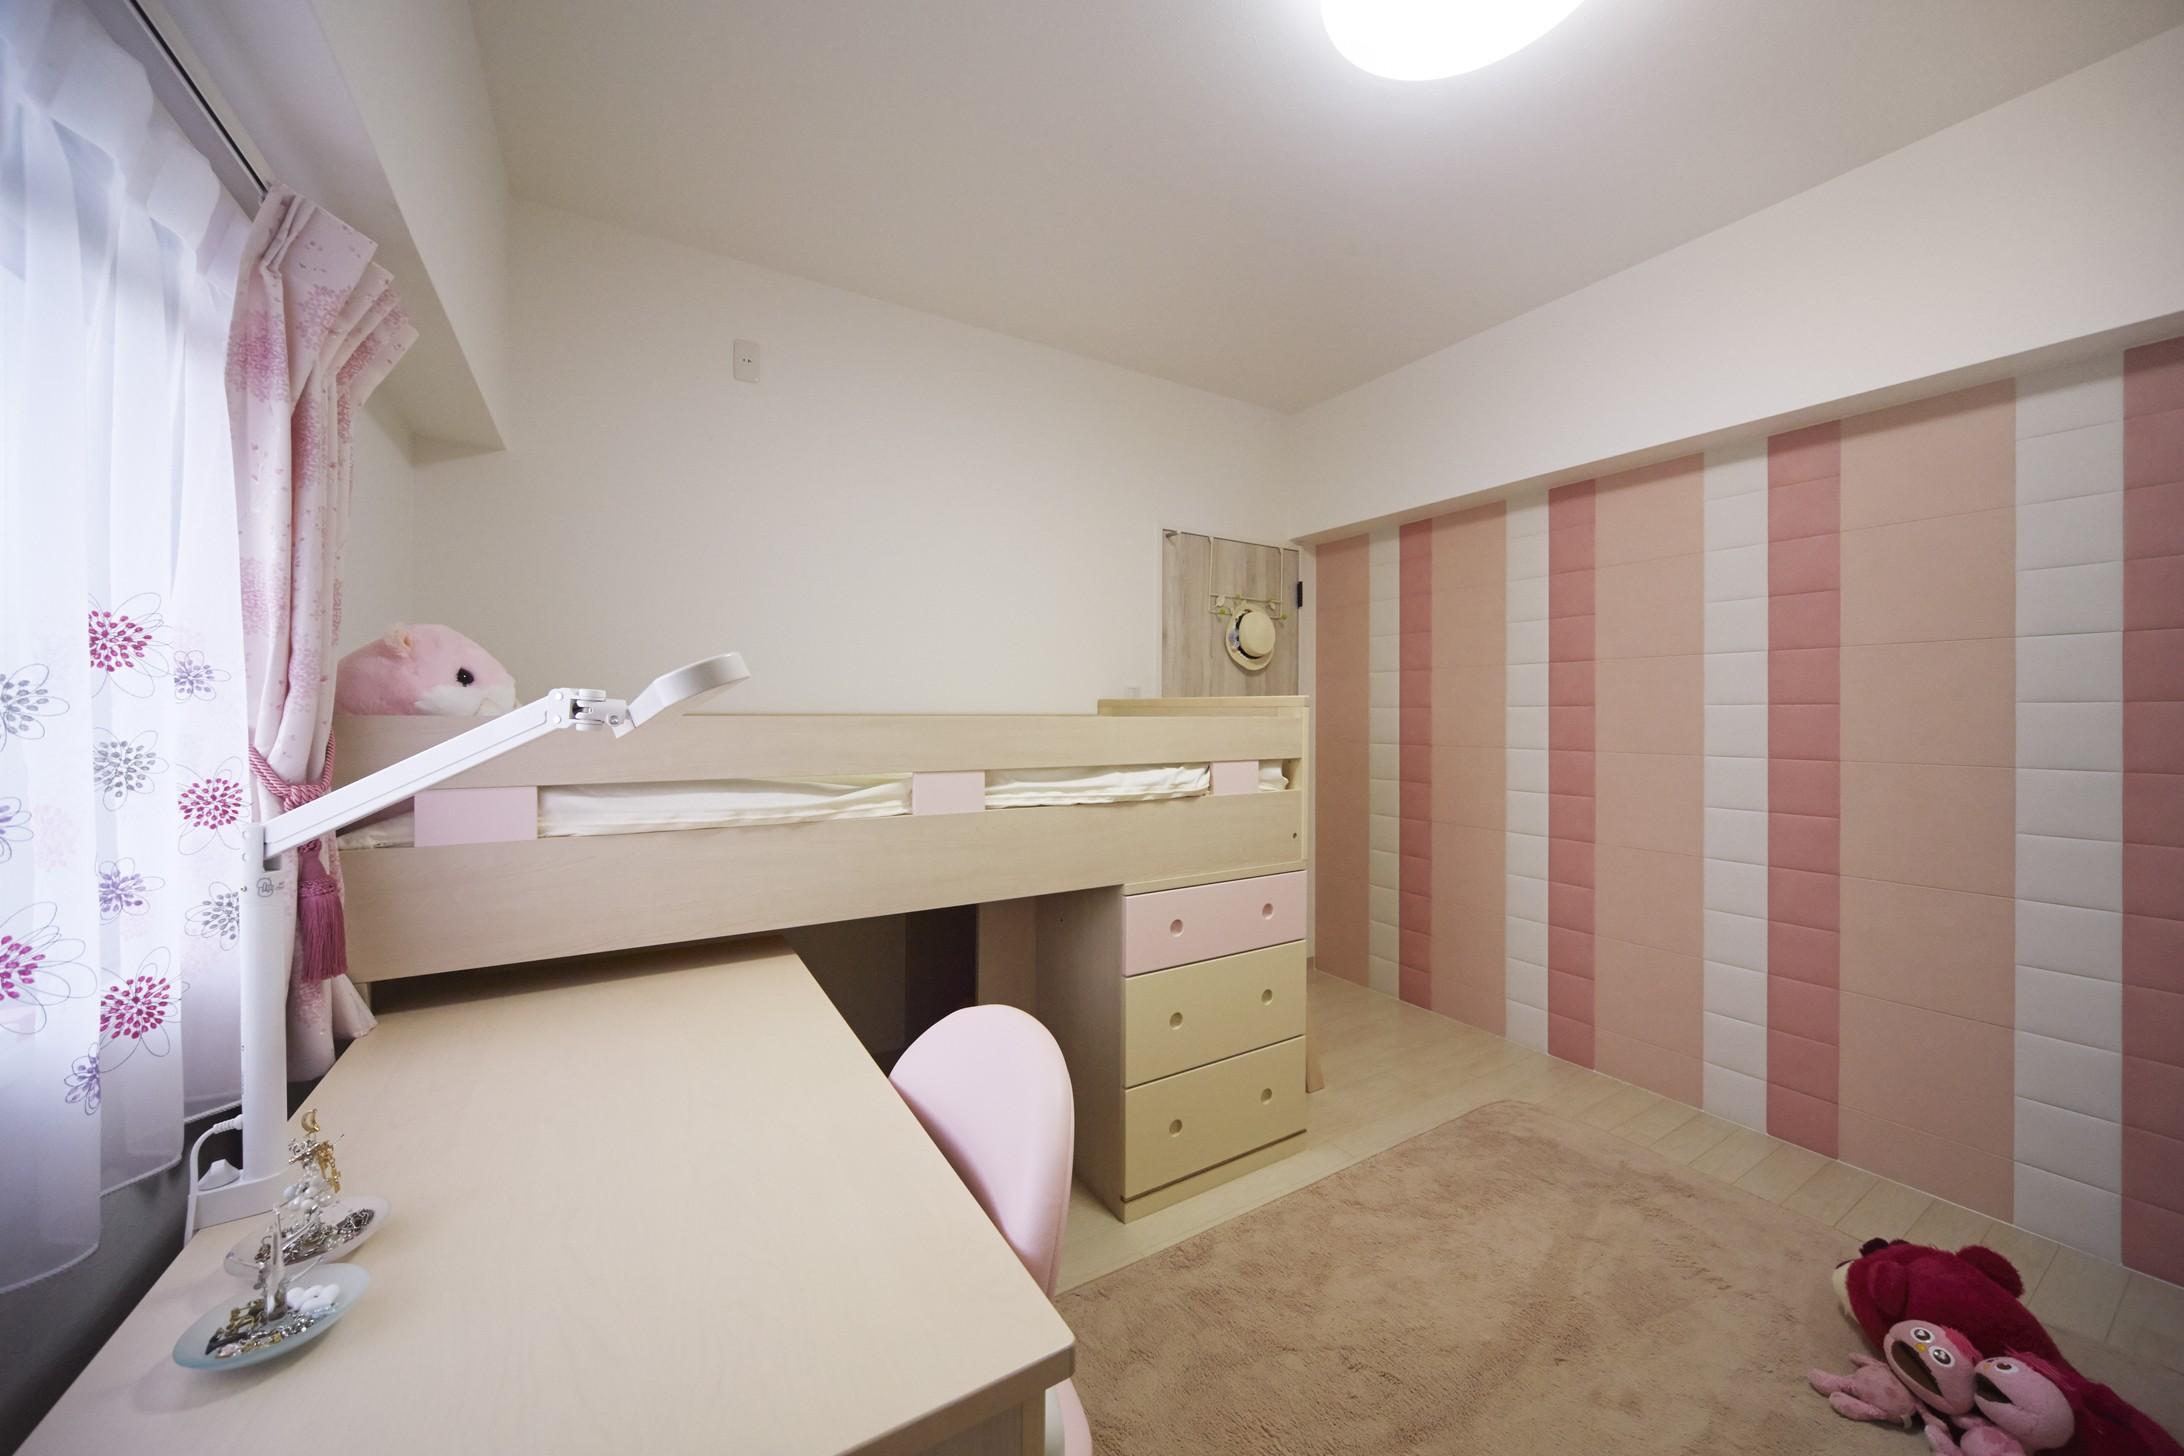 子供部屋事例:ピンクのアクセントが映える子ども部屋(お子様が喜ぶアイデアいっぱいの楽しいお家)